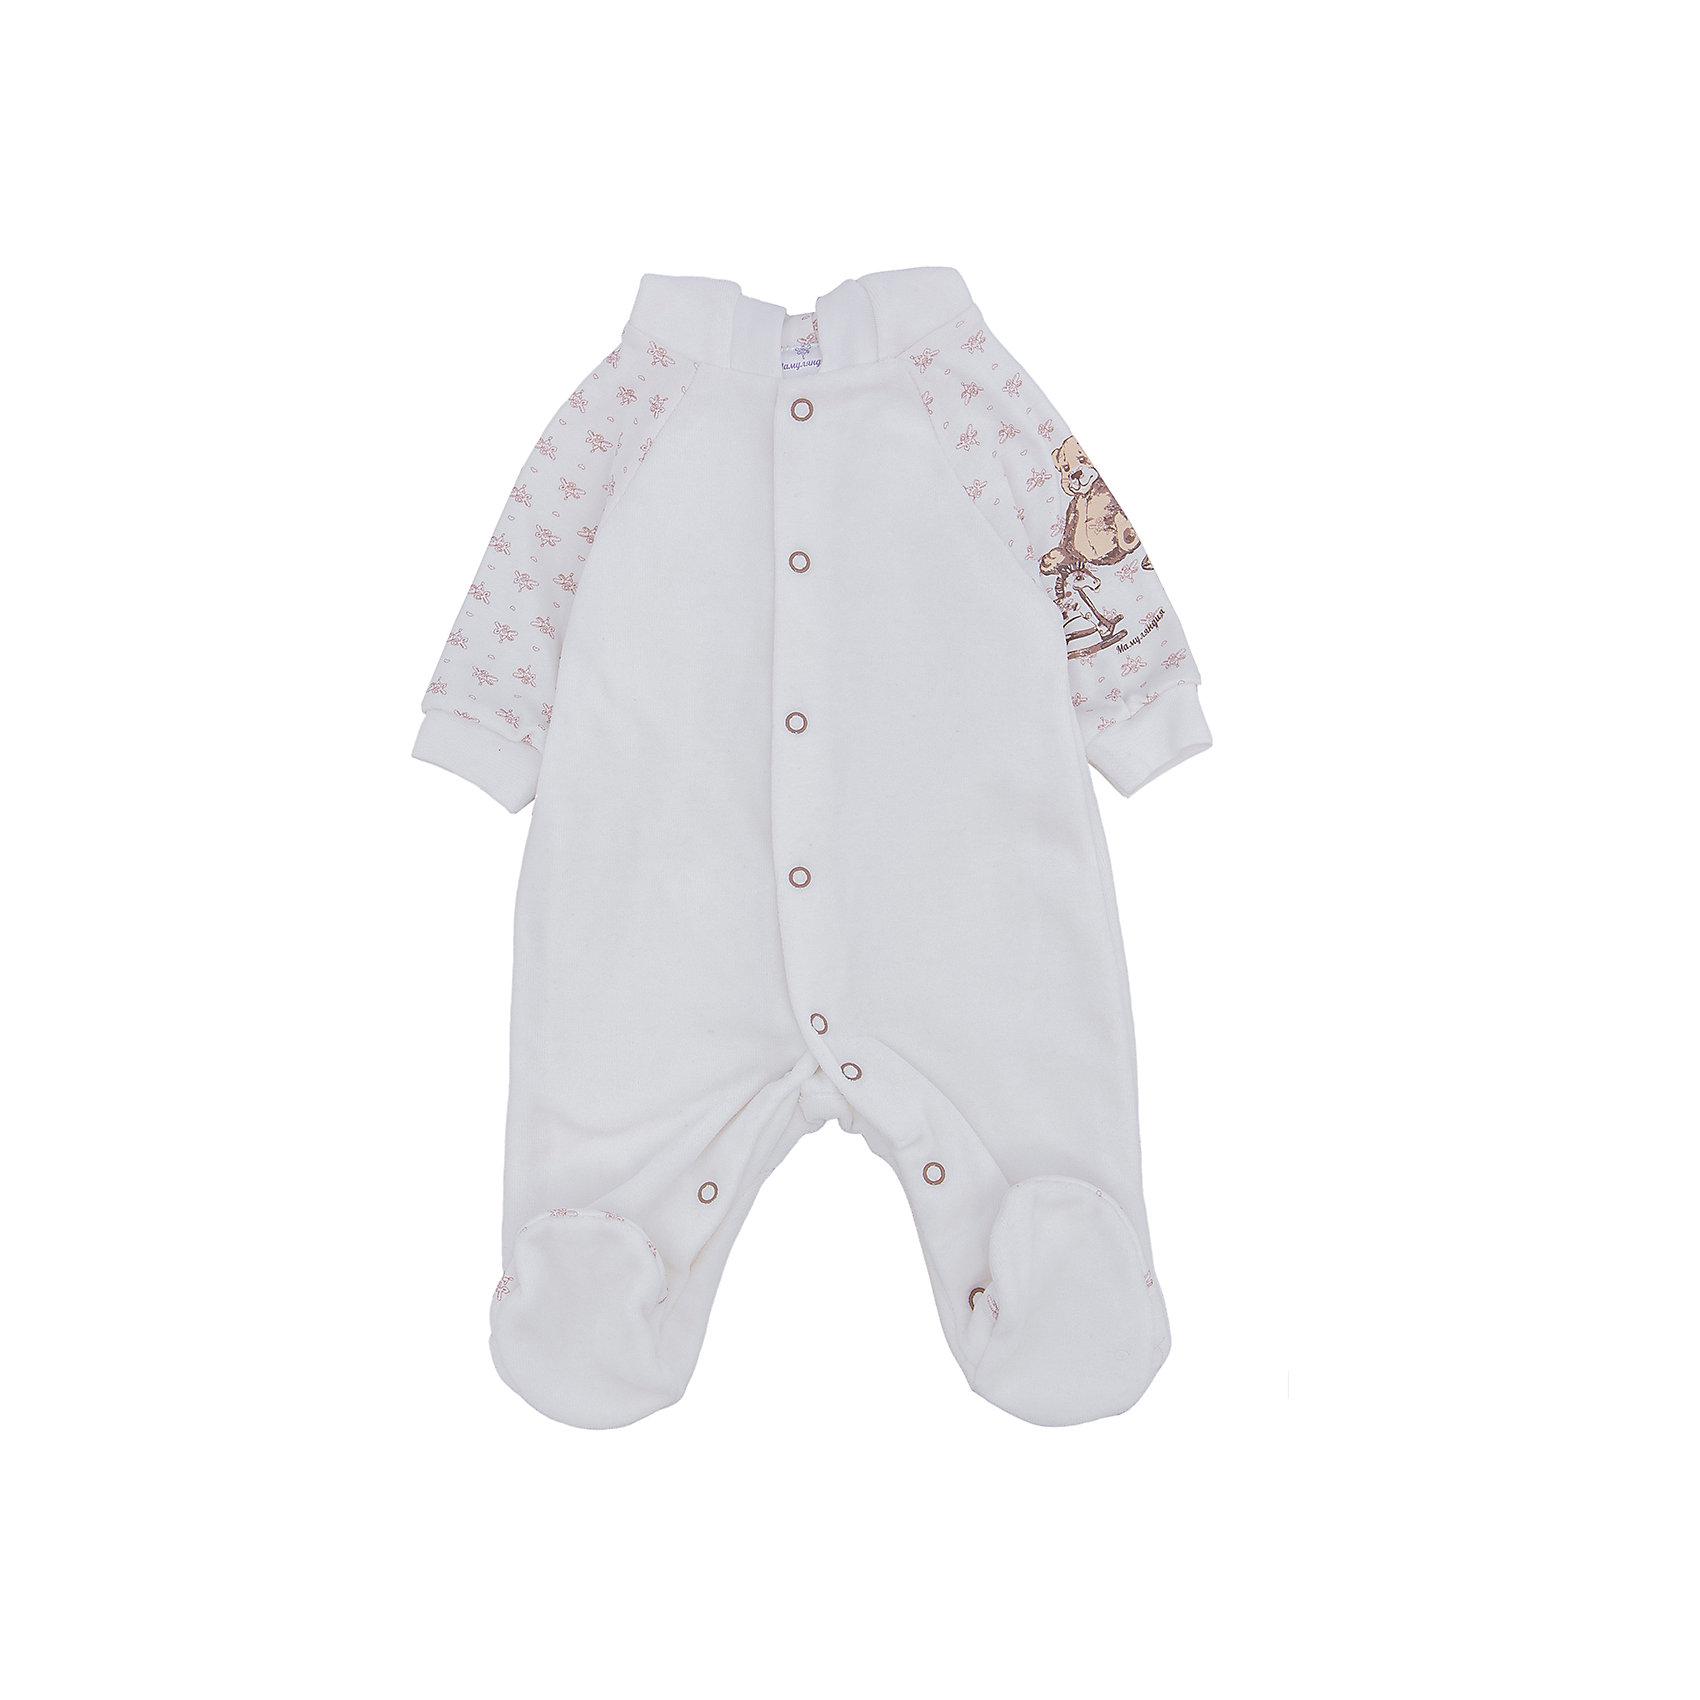 Комбинезон МамуляндияКомбинезоны<br>Велюровый комбинезон для новорожденных. Удобное расположение кнопок для переодевания малыша. <br>Состав 100% хлопок. <br>Рекомендации по уходу: стирать при 40 С, гладить при средней температуре, носить с удовольствием.  Состав: 100% хлопок<br><br>Ширина мм: 157<br>Глубина мм: 13<br>Высота мм: 119<br>Вес г: 200<br>Цвет: бежевый<br>Возраст от месяцев: 0<br>Возраст до месяцев: 3<br>Пол: Унисекс<br>Возраст: Детский<br>Размер: 56,62<br>SKU: 4797245